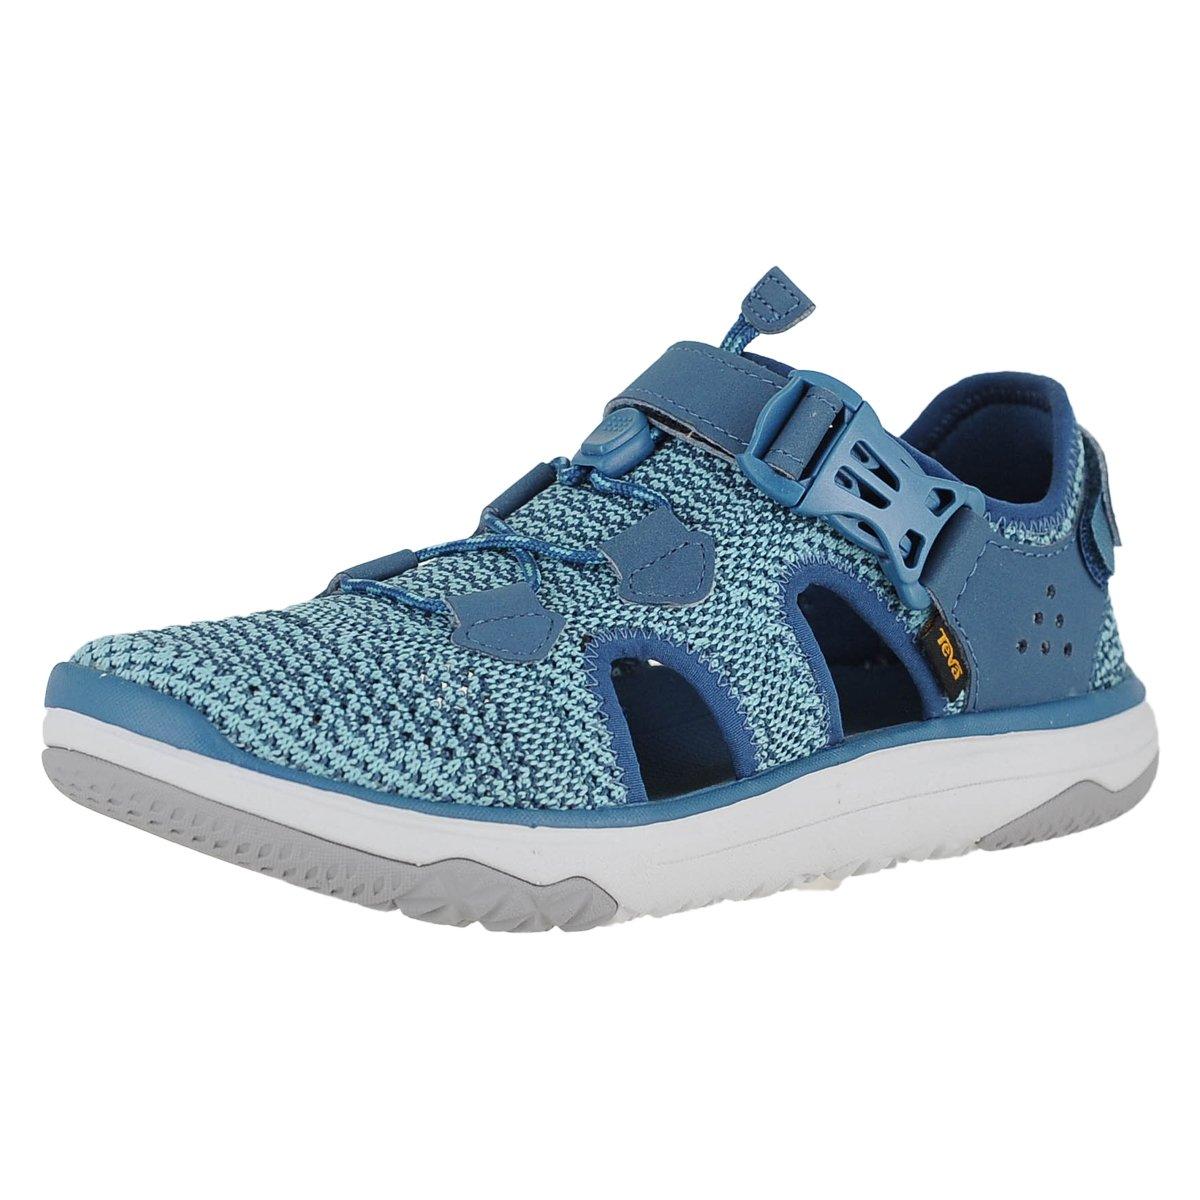 Teva Terra Float Travel Knit Legion Blue Womens Sporty Sandal Size 9M by Teva